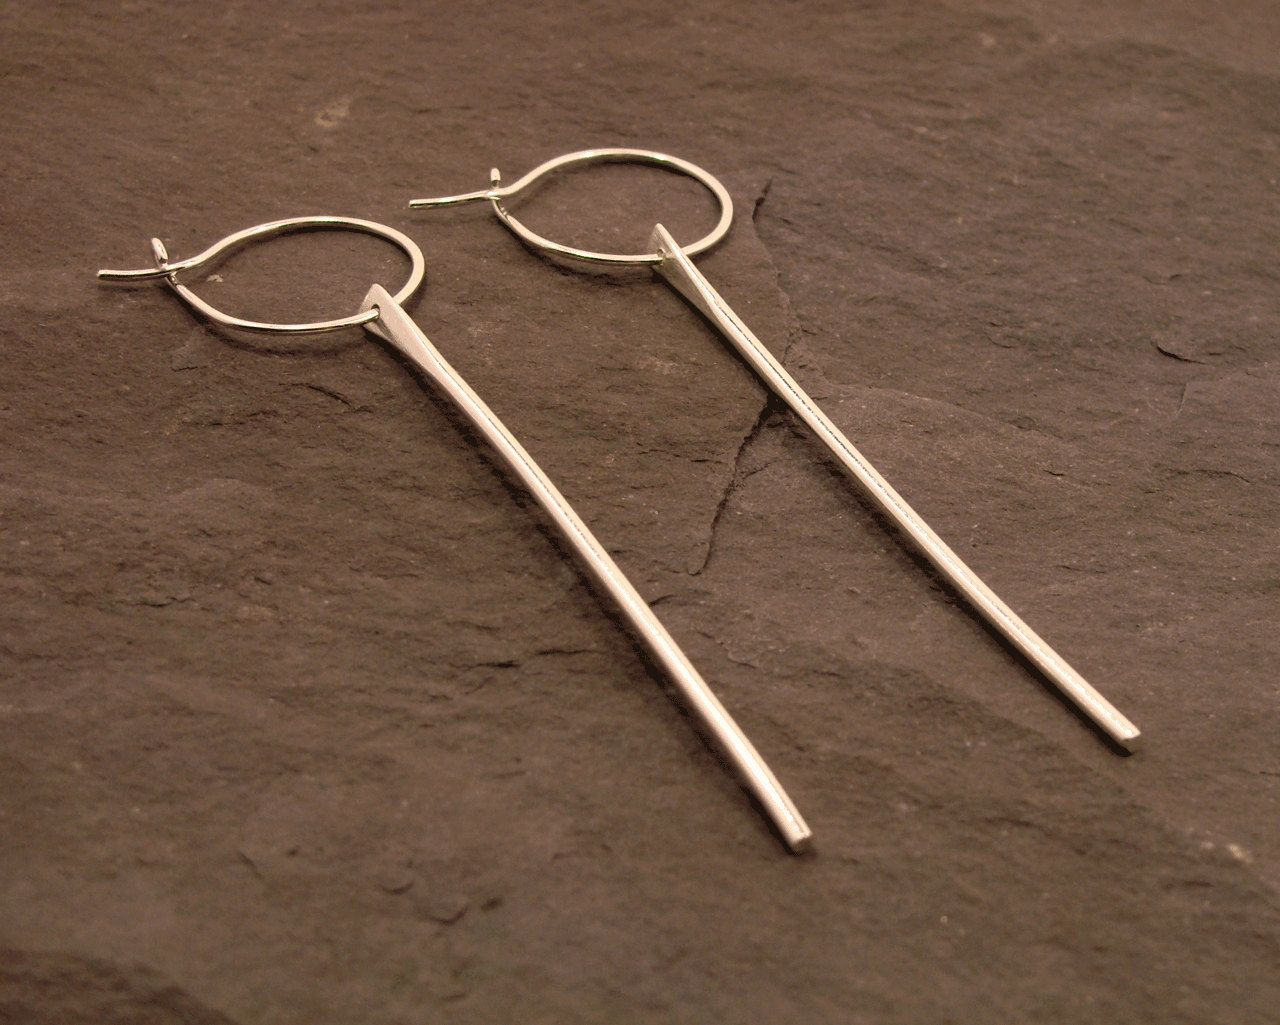 d6cf3dcd6 Minimalist Sterling Silver Wire Dangle & Drop Earrings, straight long bar  earrings, hoop earring wire, sterling silver, for her, handmade by ehtout  on Etsy